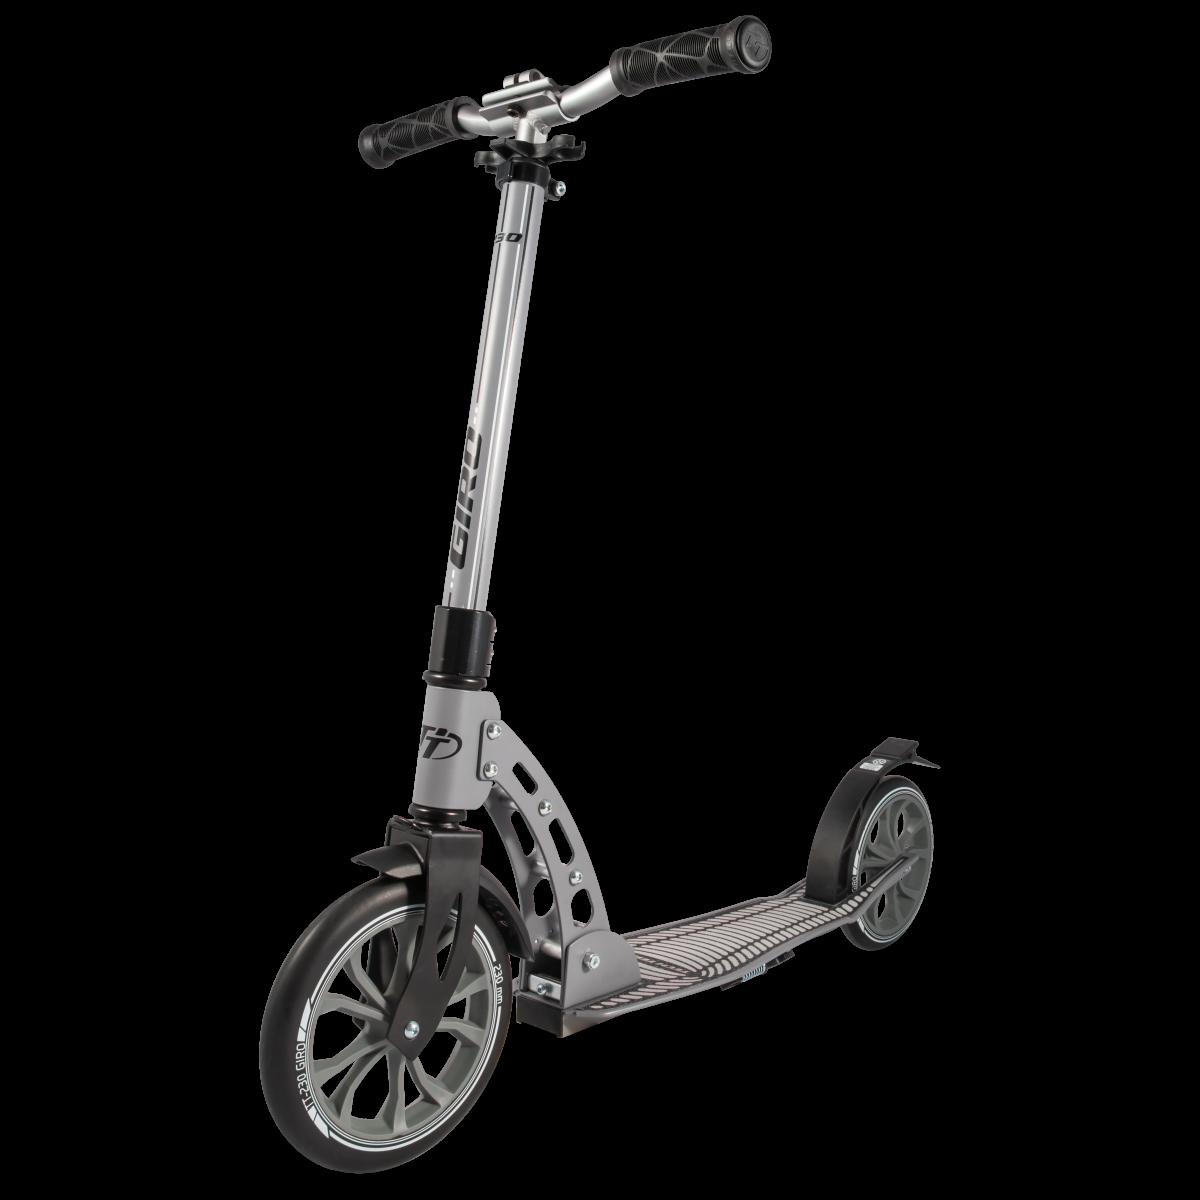 Самокат TechTeam Giro 2019 серый